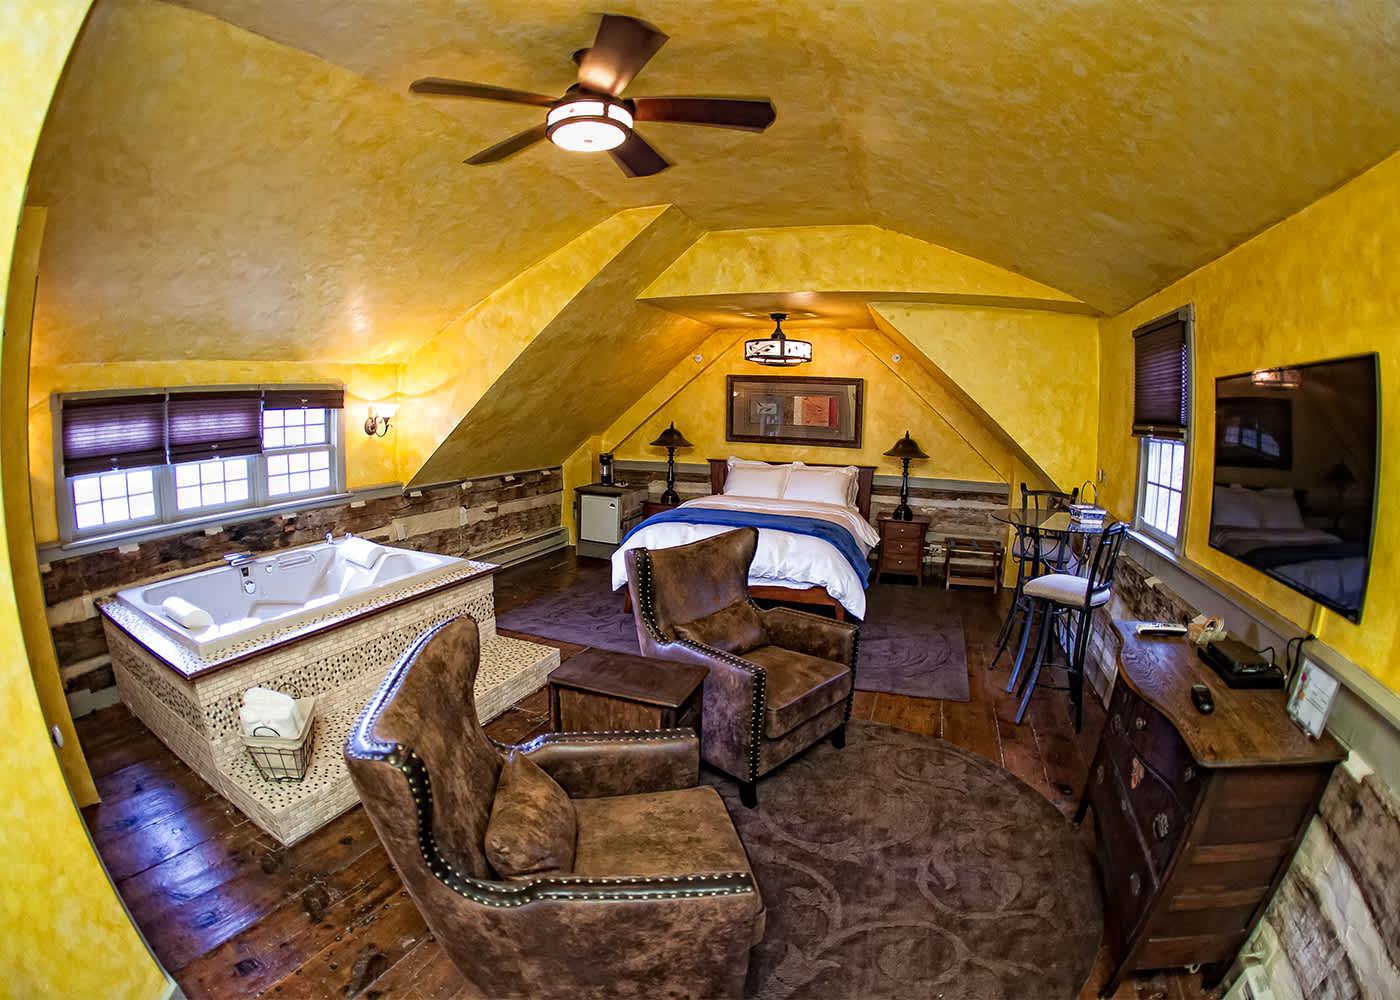 north cabins oklahoma tx rentals interior onlinechange getaways in dallas texas cabin romantic near pa info